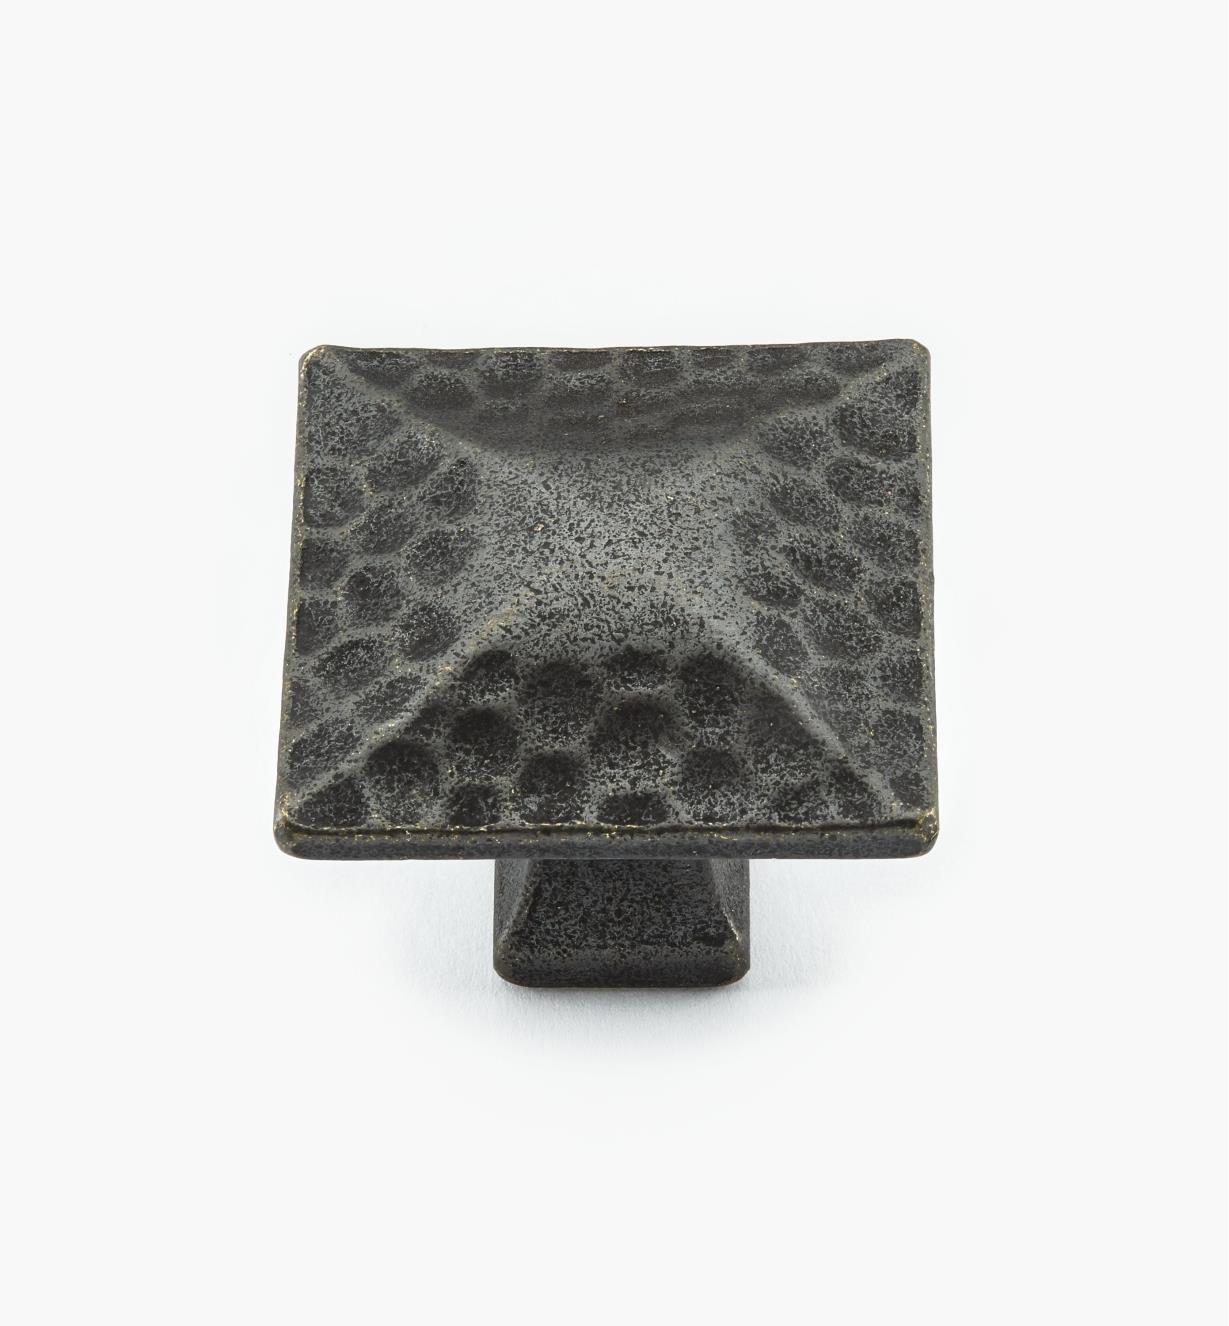 02W3672 - Bouton carré de 1 1/4 po x 1 1/8 po, série Craftsman, fini fer forgé